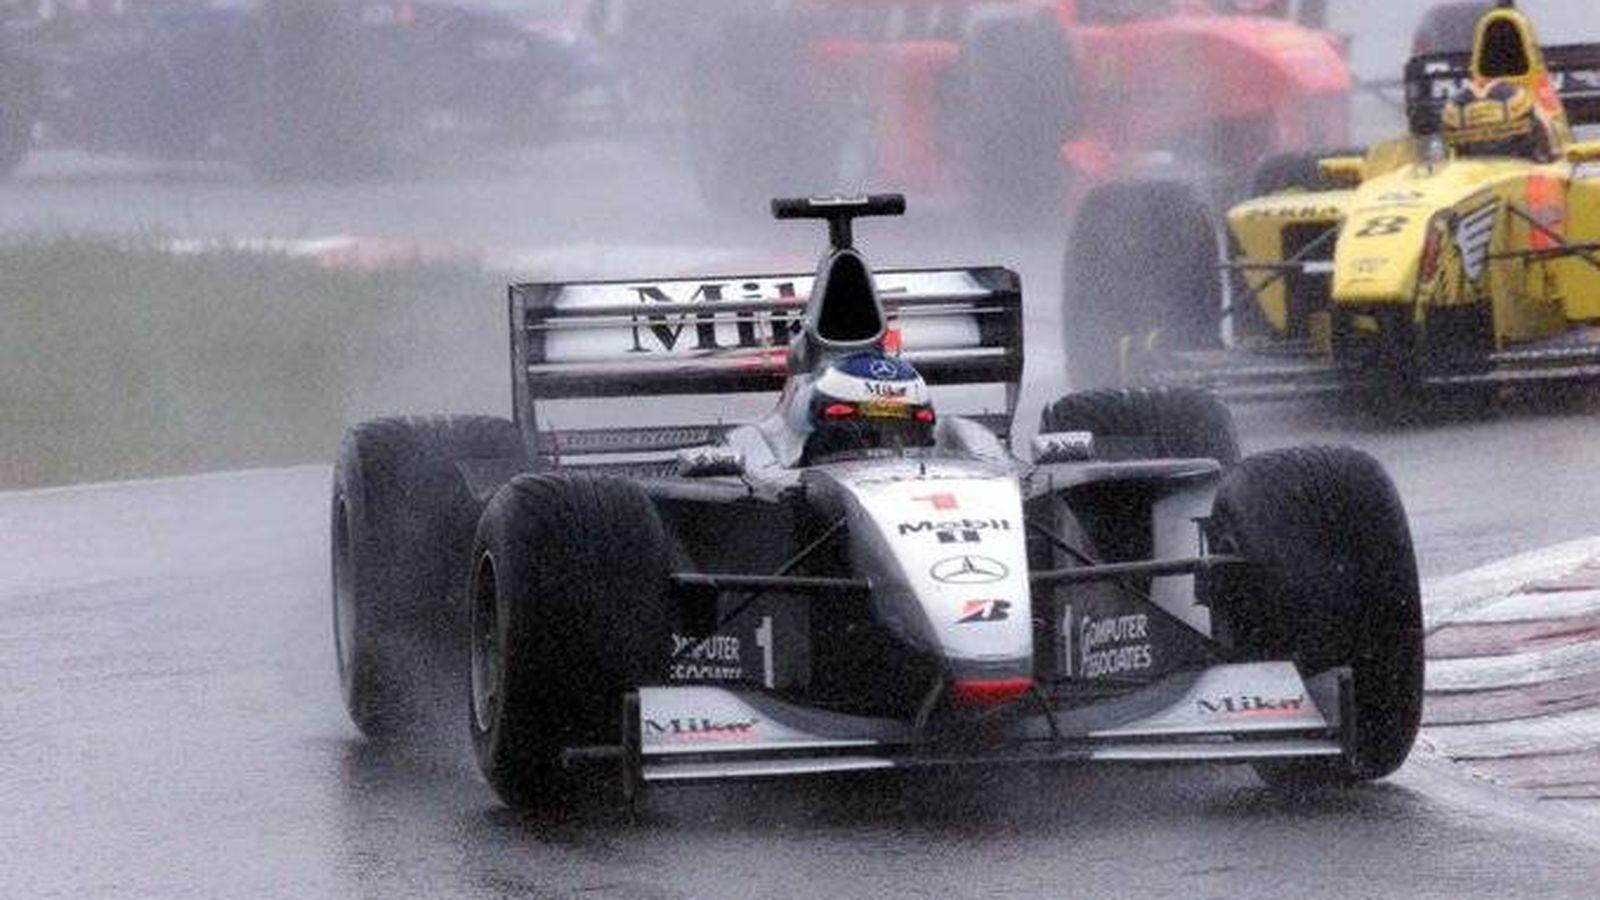 Foto: McLaren y Mercedes compartieron destino de 1995 a 2014. Mika Hakkinen fue campeón en 1998 y 1999. (McLaren)